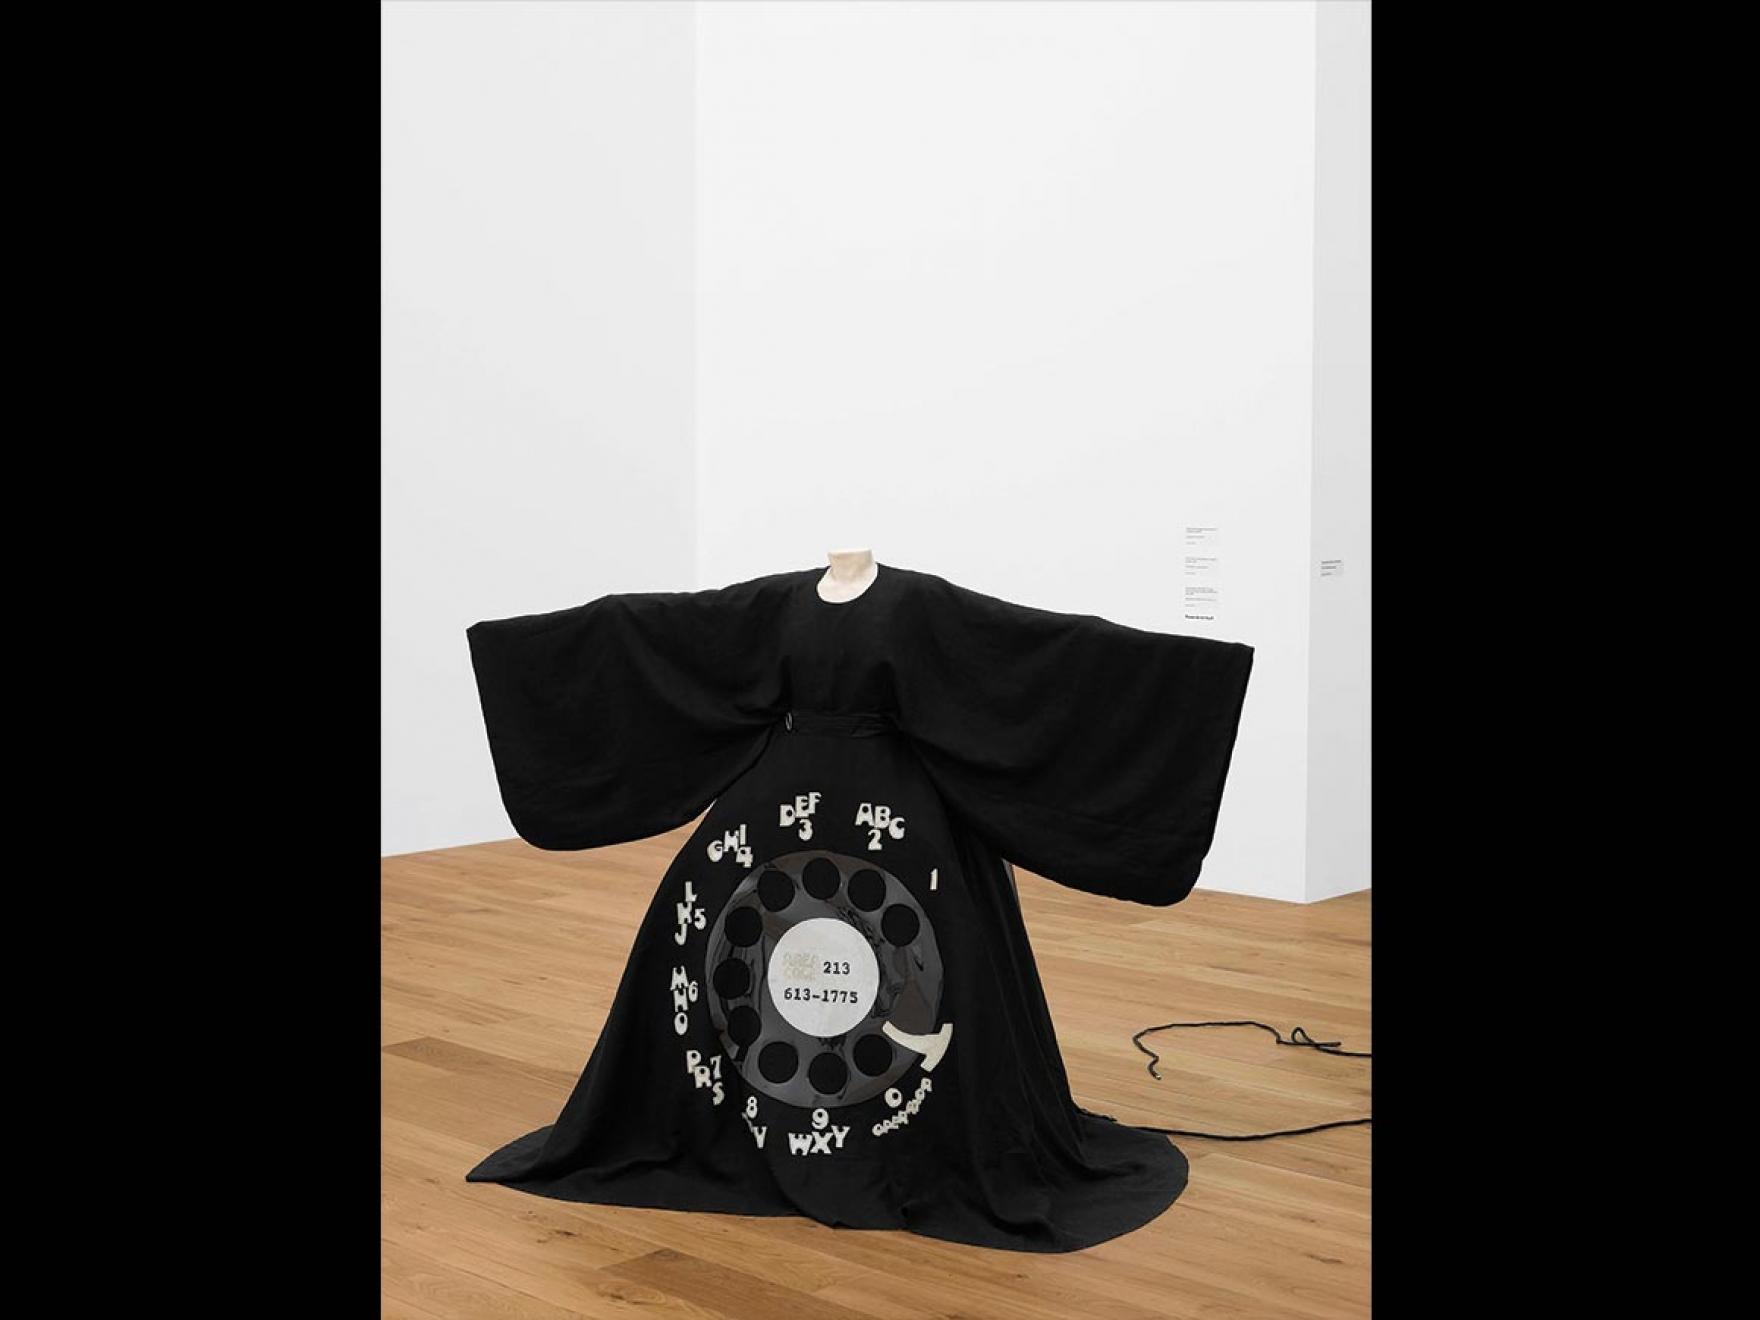 Rotary phone costume